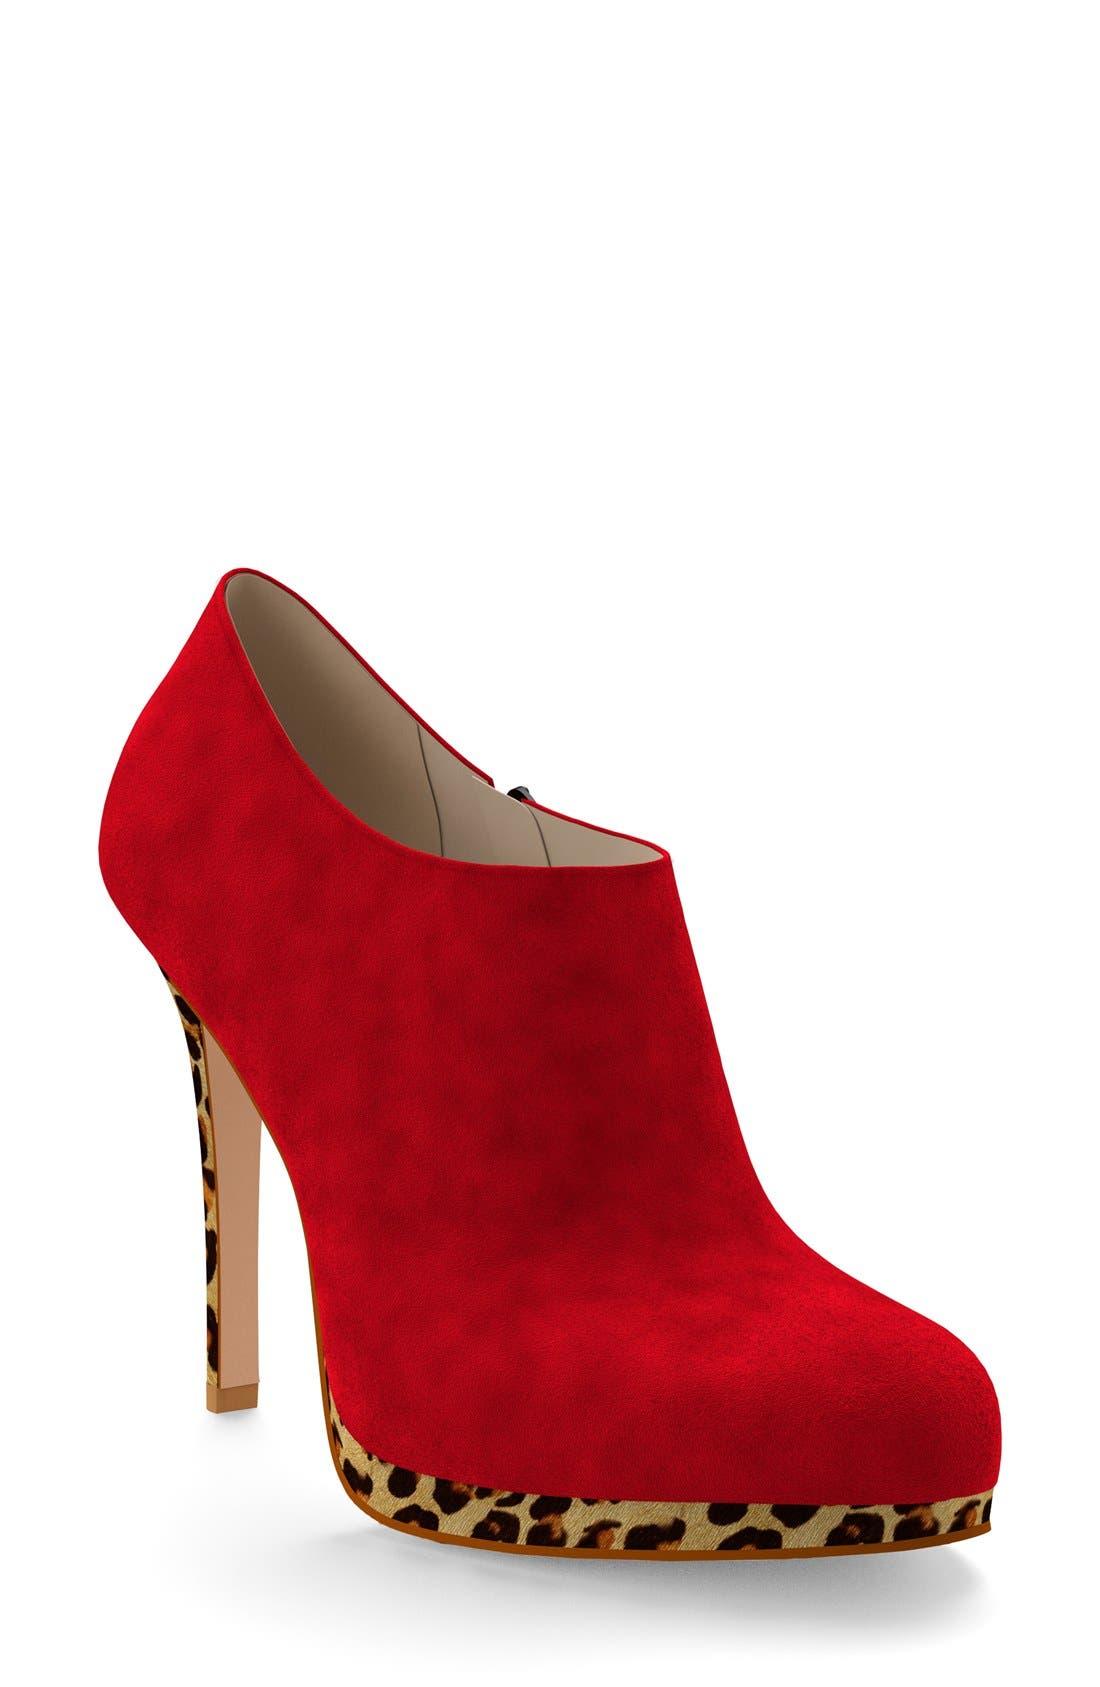 Main Image - Shoes of Prey Platform Bootie (Women) (Nordstrom Exclusive)